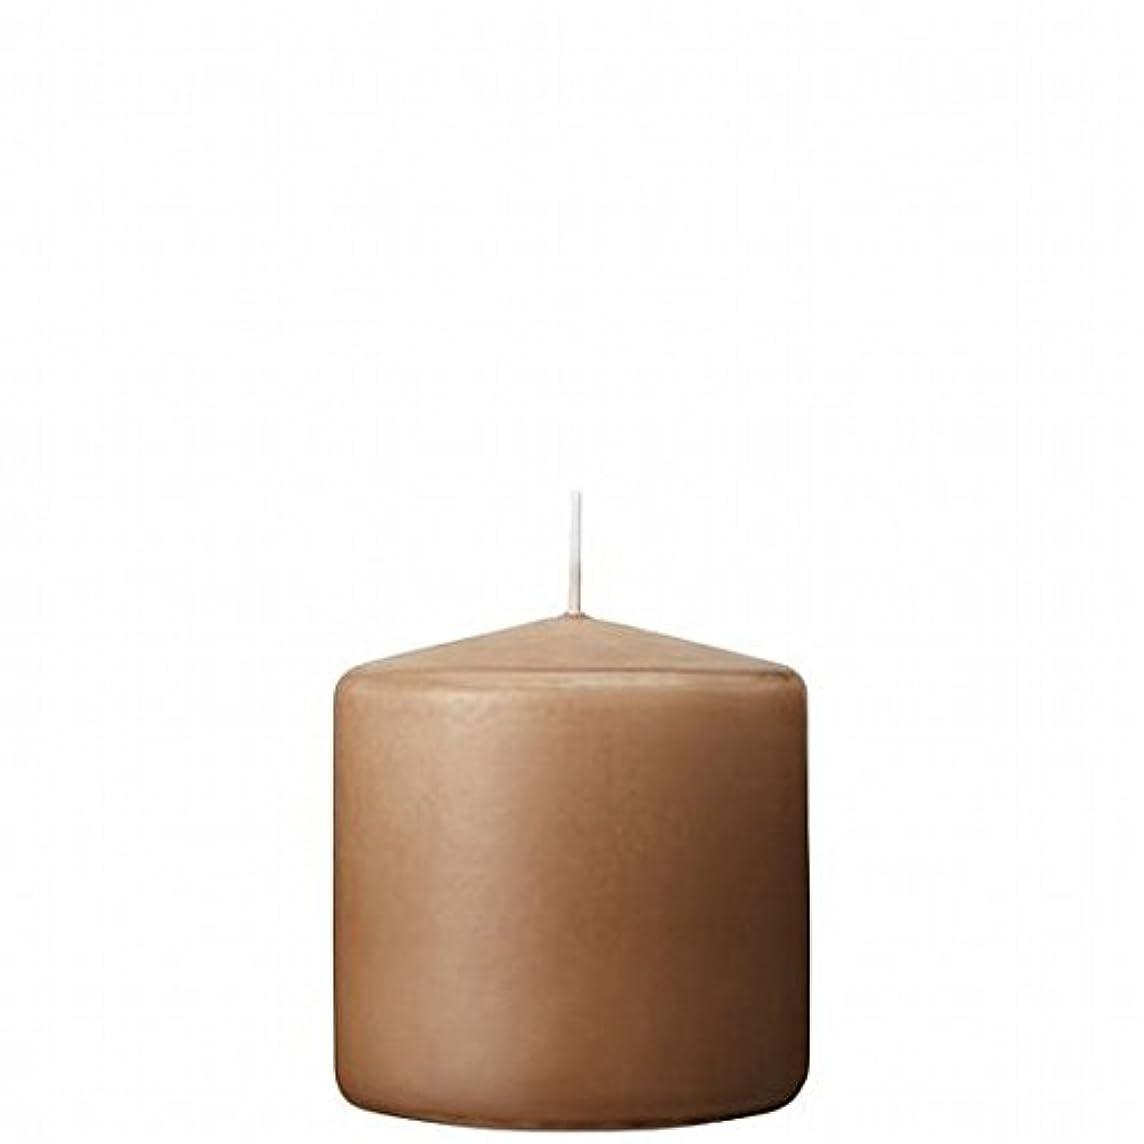 減衰ラベ毒液kameyama candle(カメヤマキャンドル) 3×3ベルトップピラーキャンドル 「 モカ 」(A9730000MO)